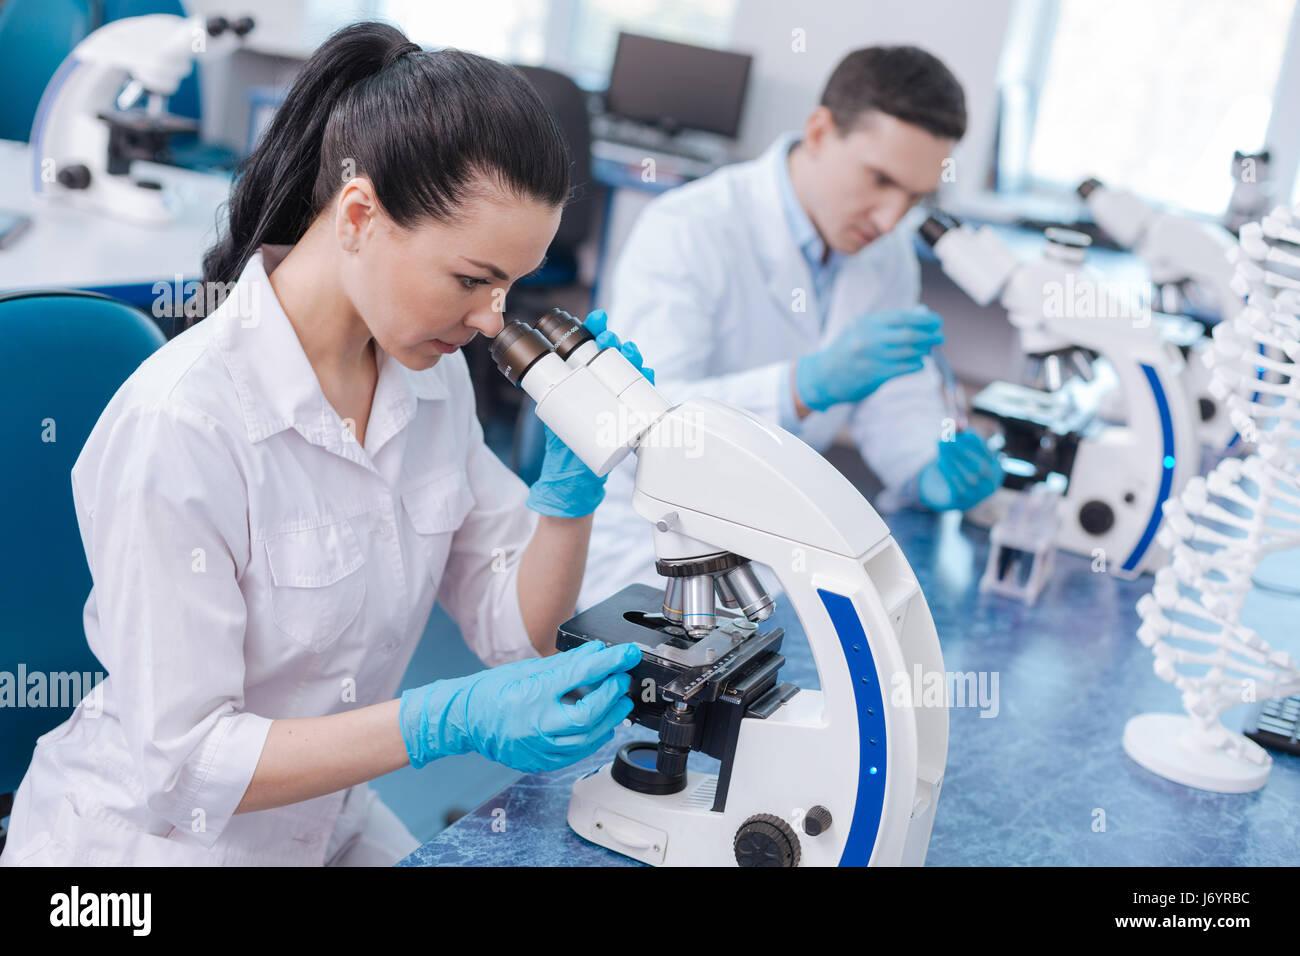 Sehr aufmerksame Mikroskop untersuchen Wissenschaftler Stockbild